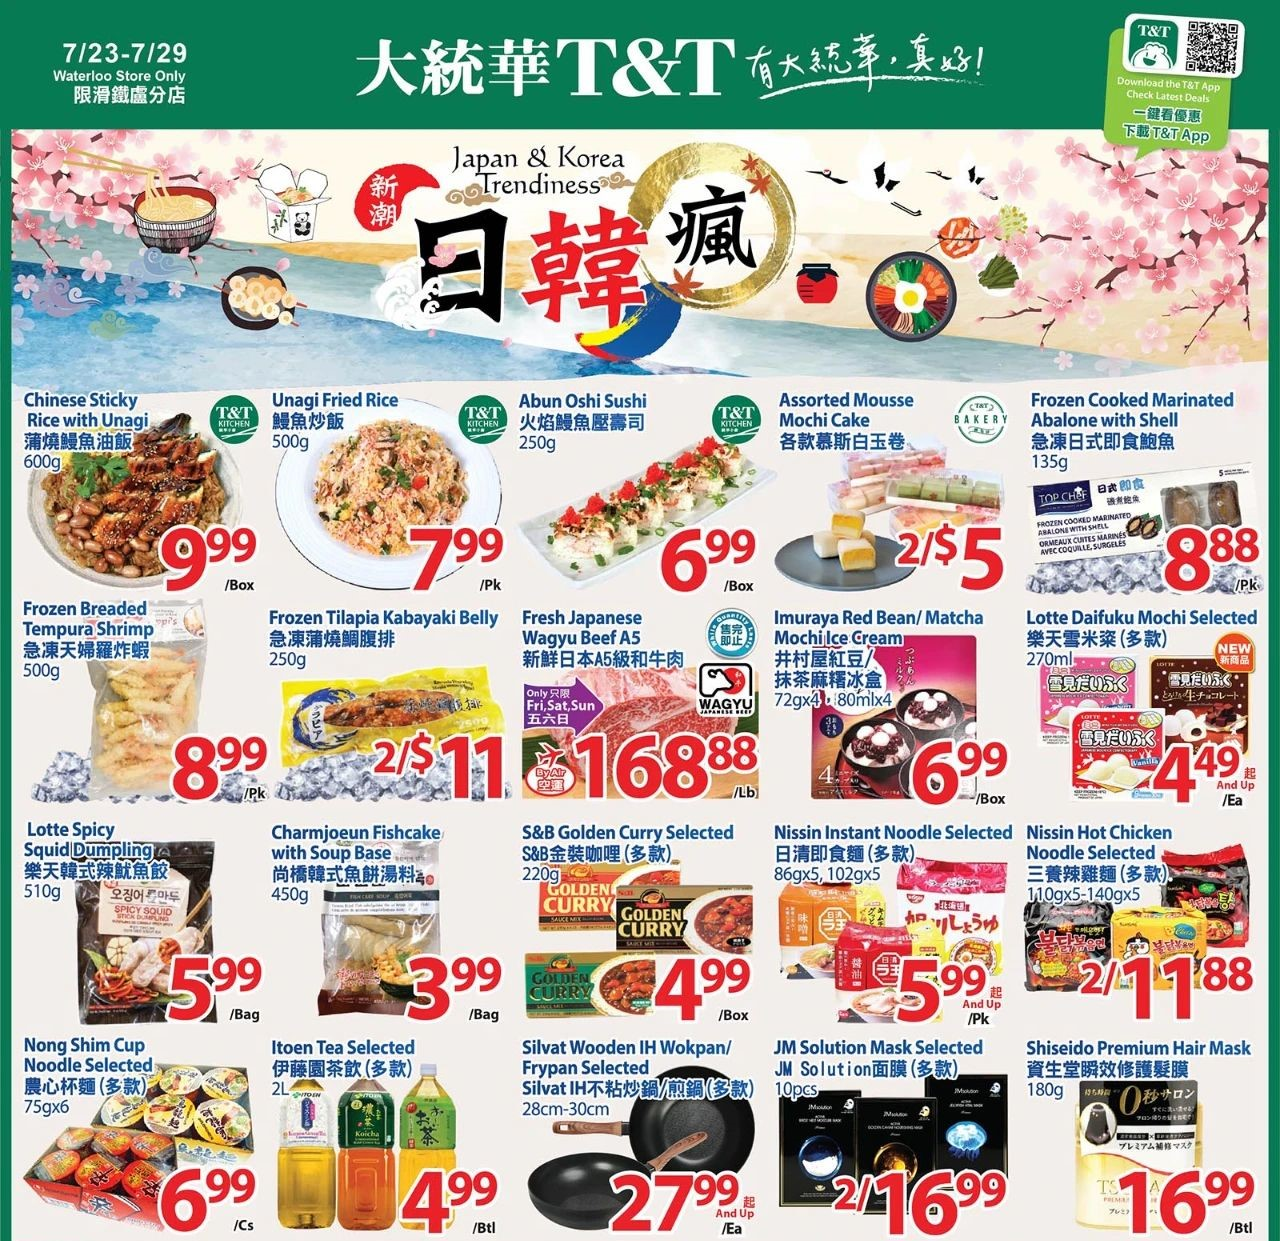 TNT Supermarket Waterloo Flyer   Jul 23